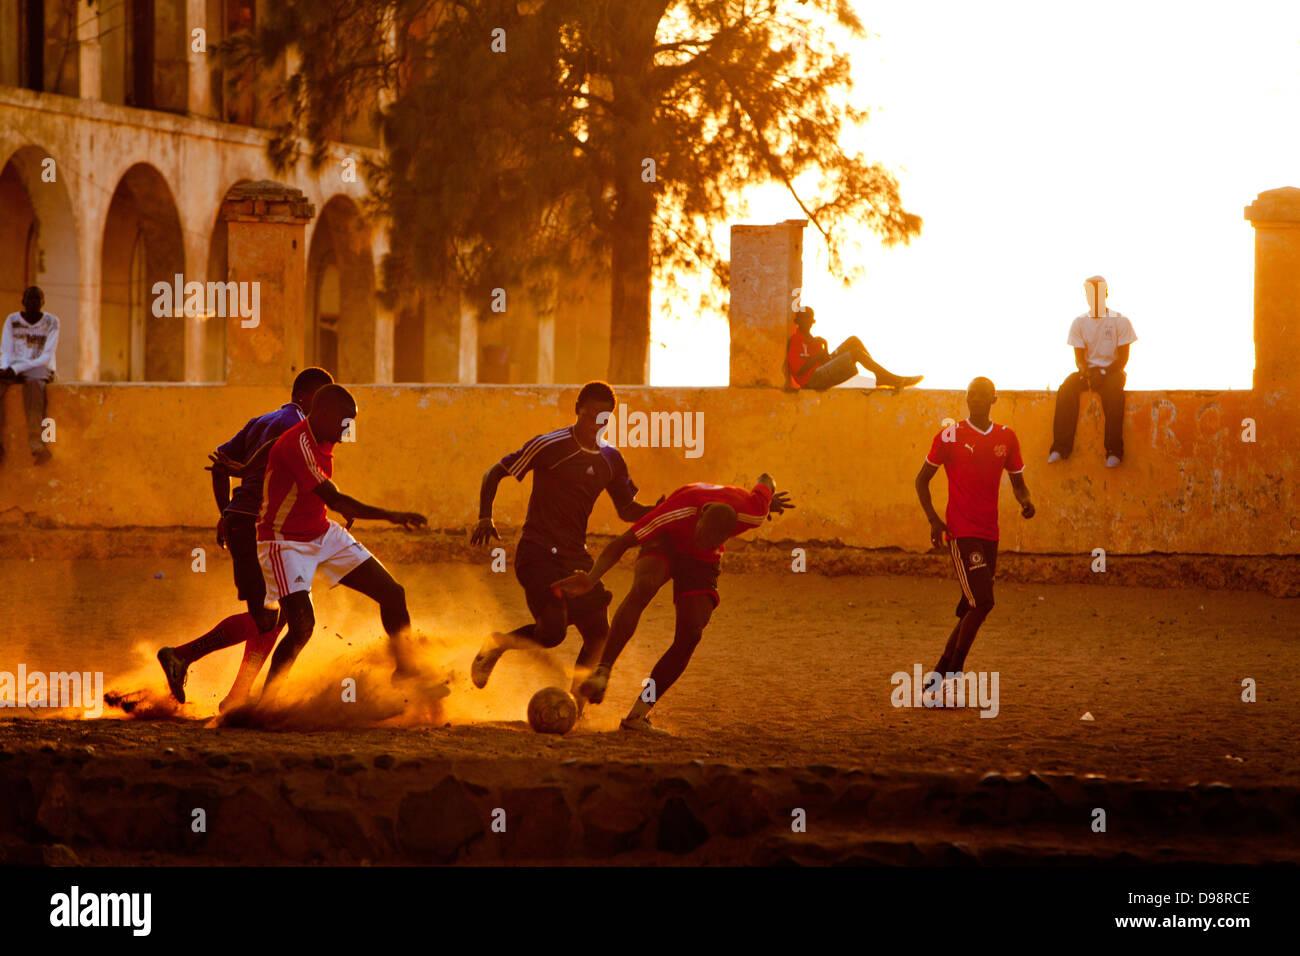 Calcio sulla piazza principale dell isola di Goree, Dakar, Senegal. Immagini Stock